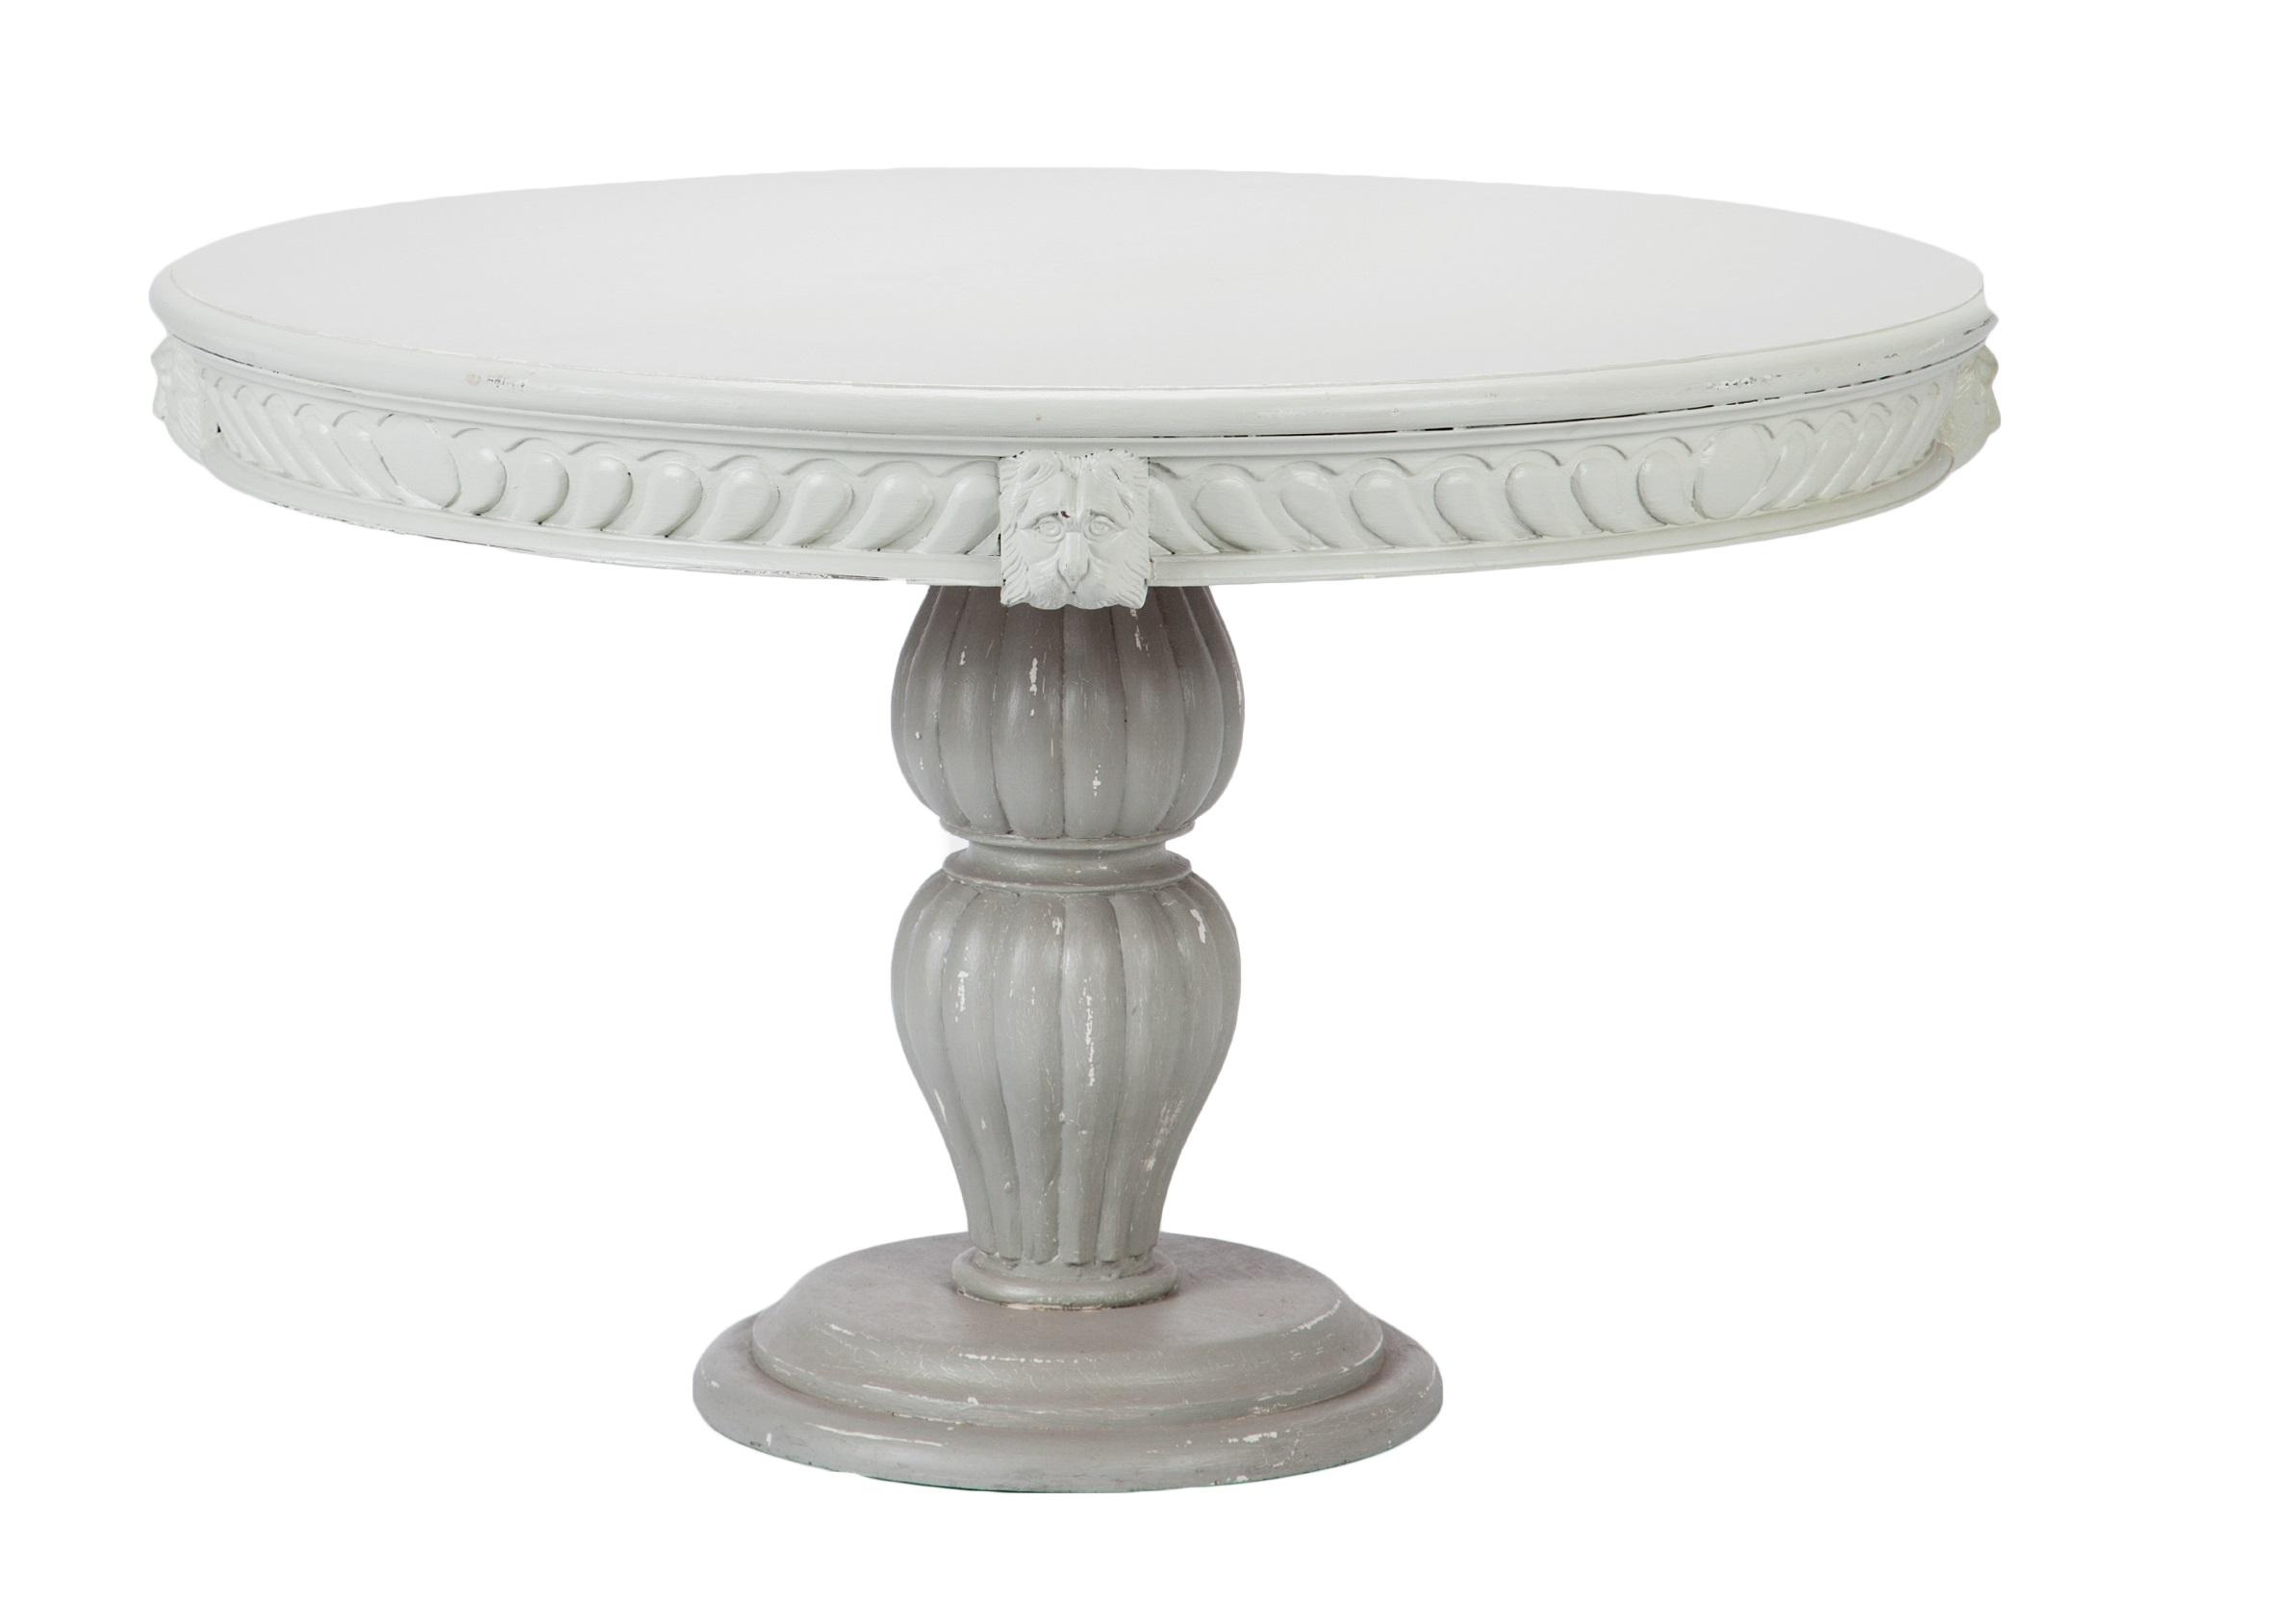 Стол обеденный ГотикаОбеденные столы<br>Стол обеденный круглый в готическом стиле, украшен резьбой и львиными головами, декорирован старением.<br><br>Material: Красное дерево<br>Height см: 76<br>Diameter см: 120